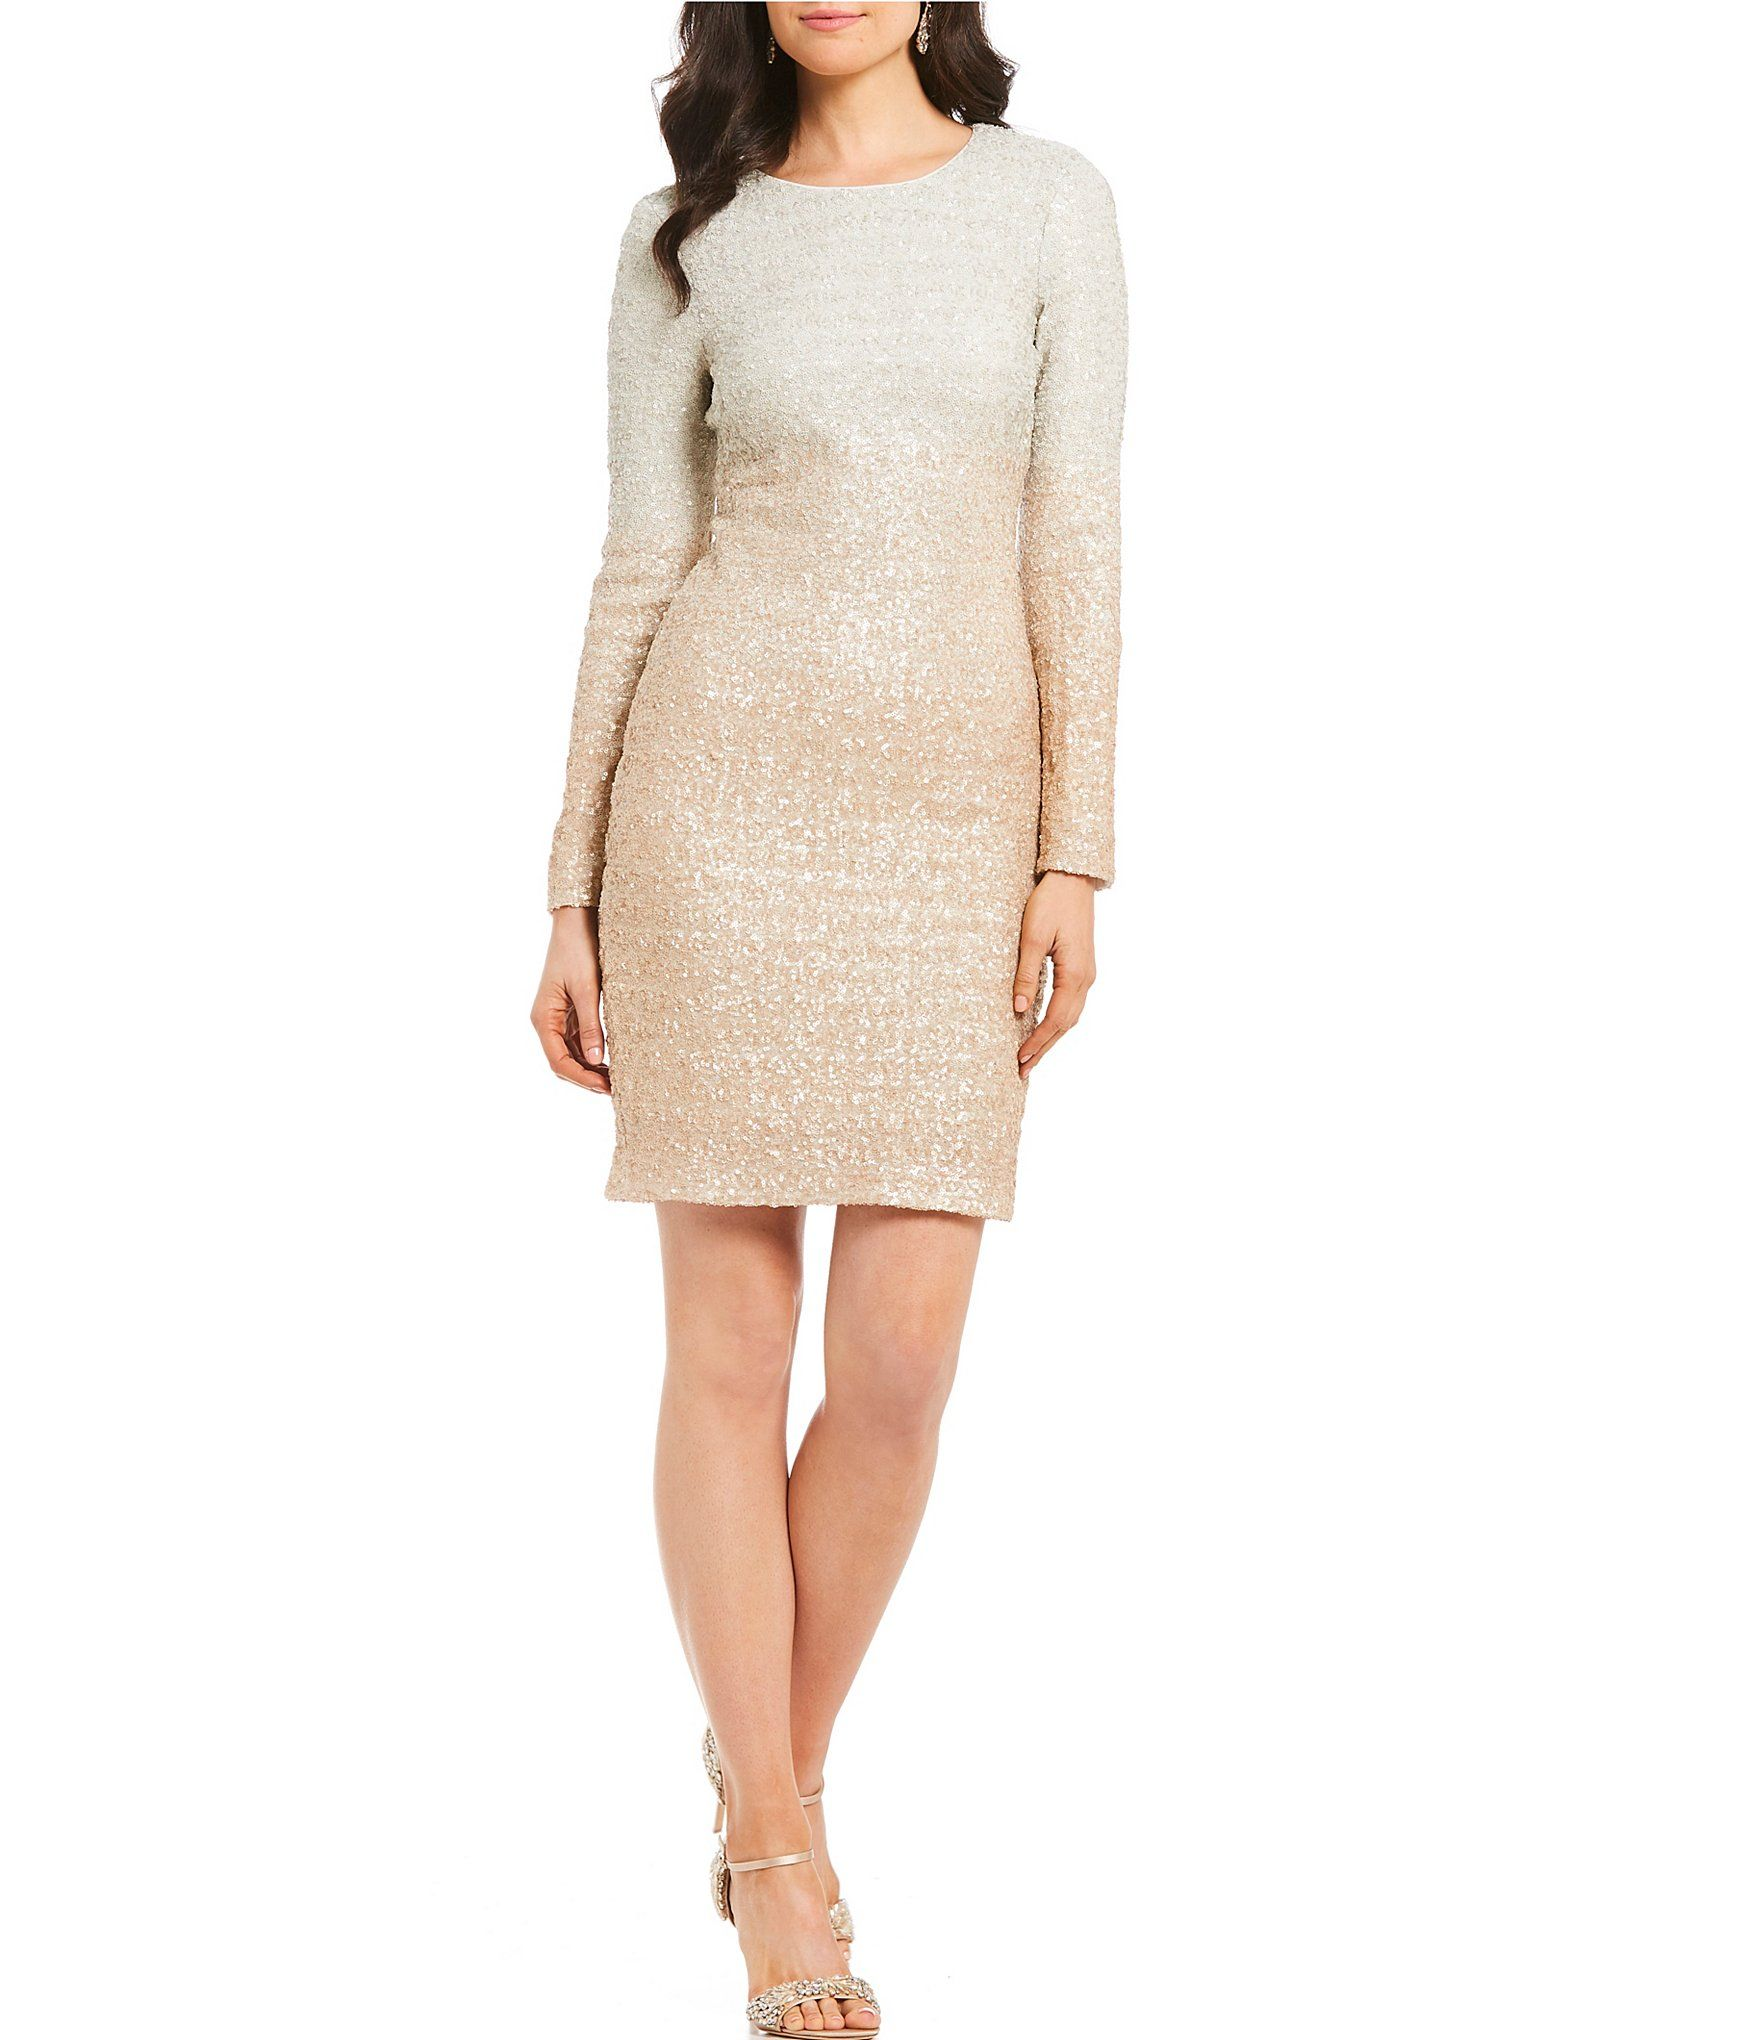 c498d76ae50 Belle Badgley Mischka Ombre Sequin Alexis Dress  Dillards